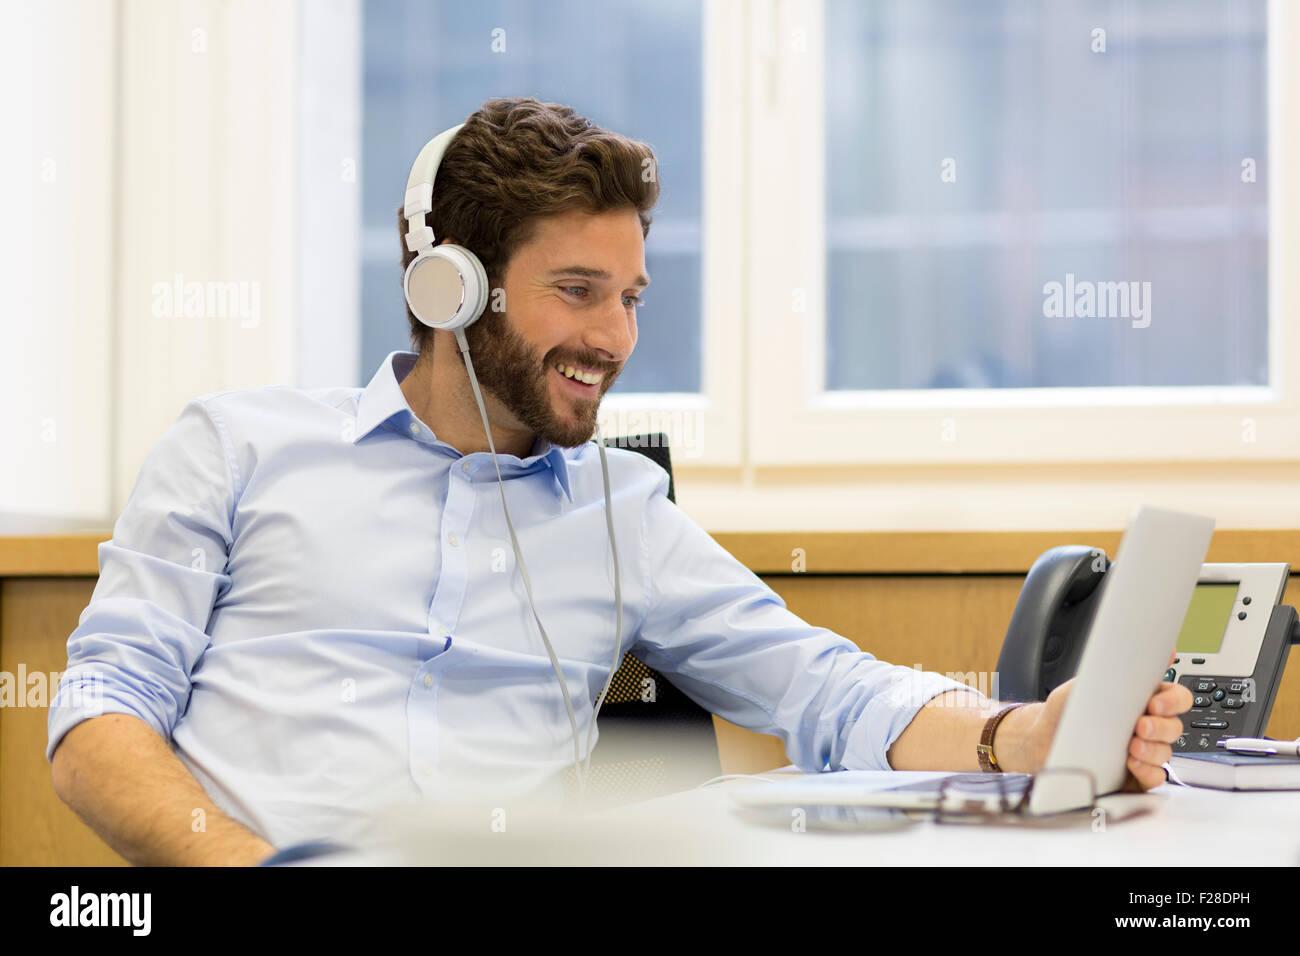 Homme barbu avec casque et portable au bureau Banque D'Images